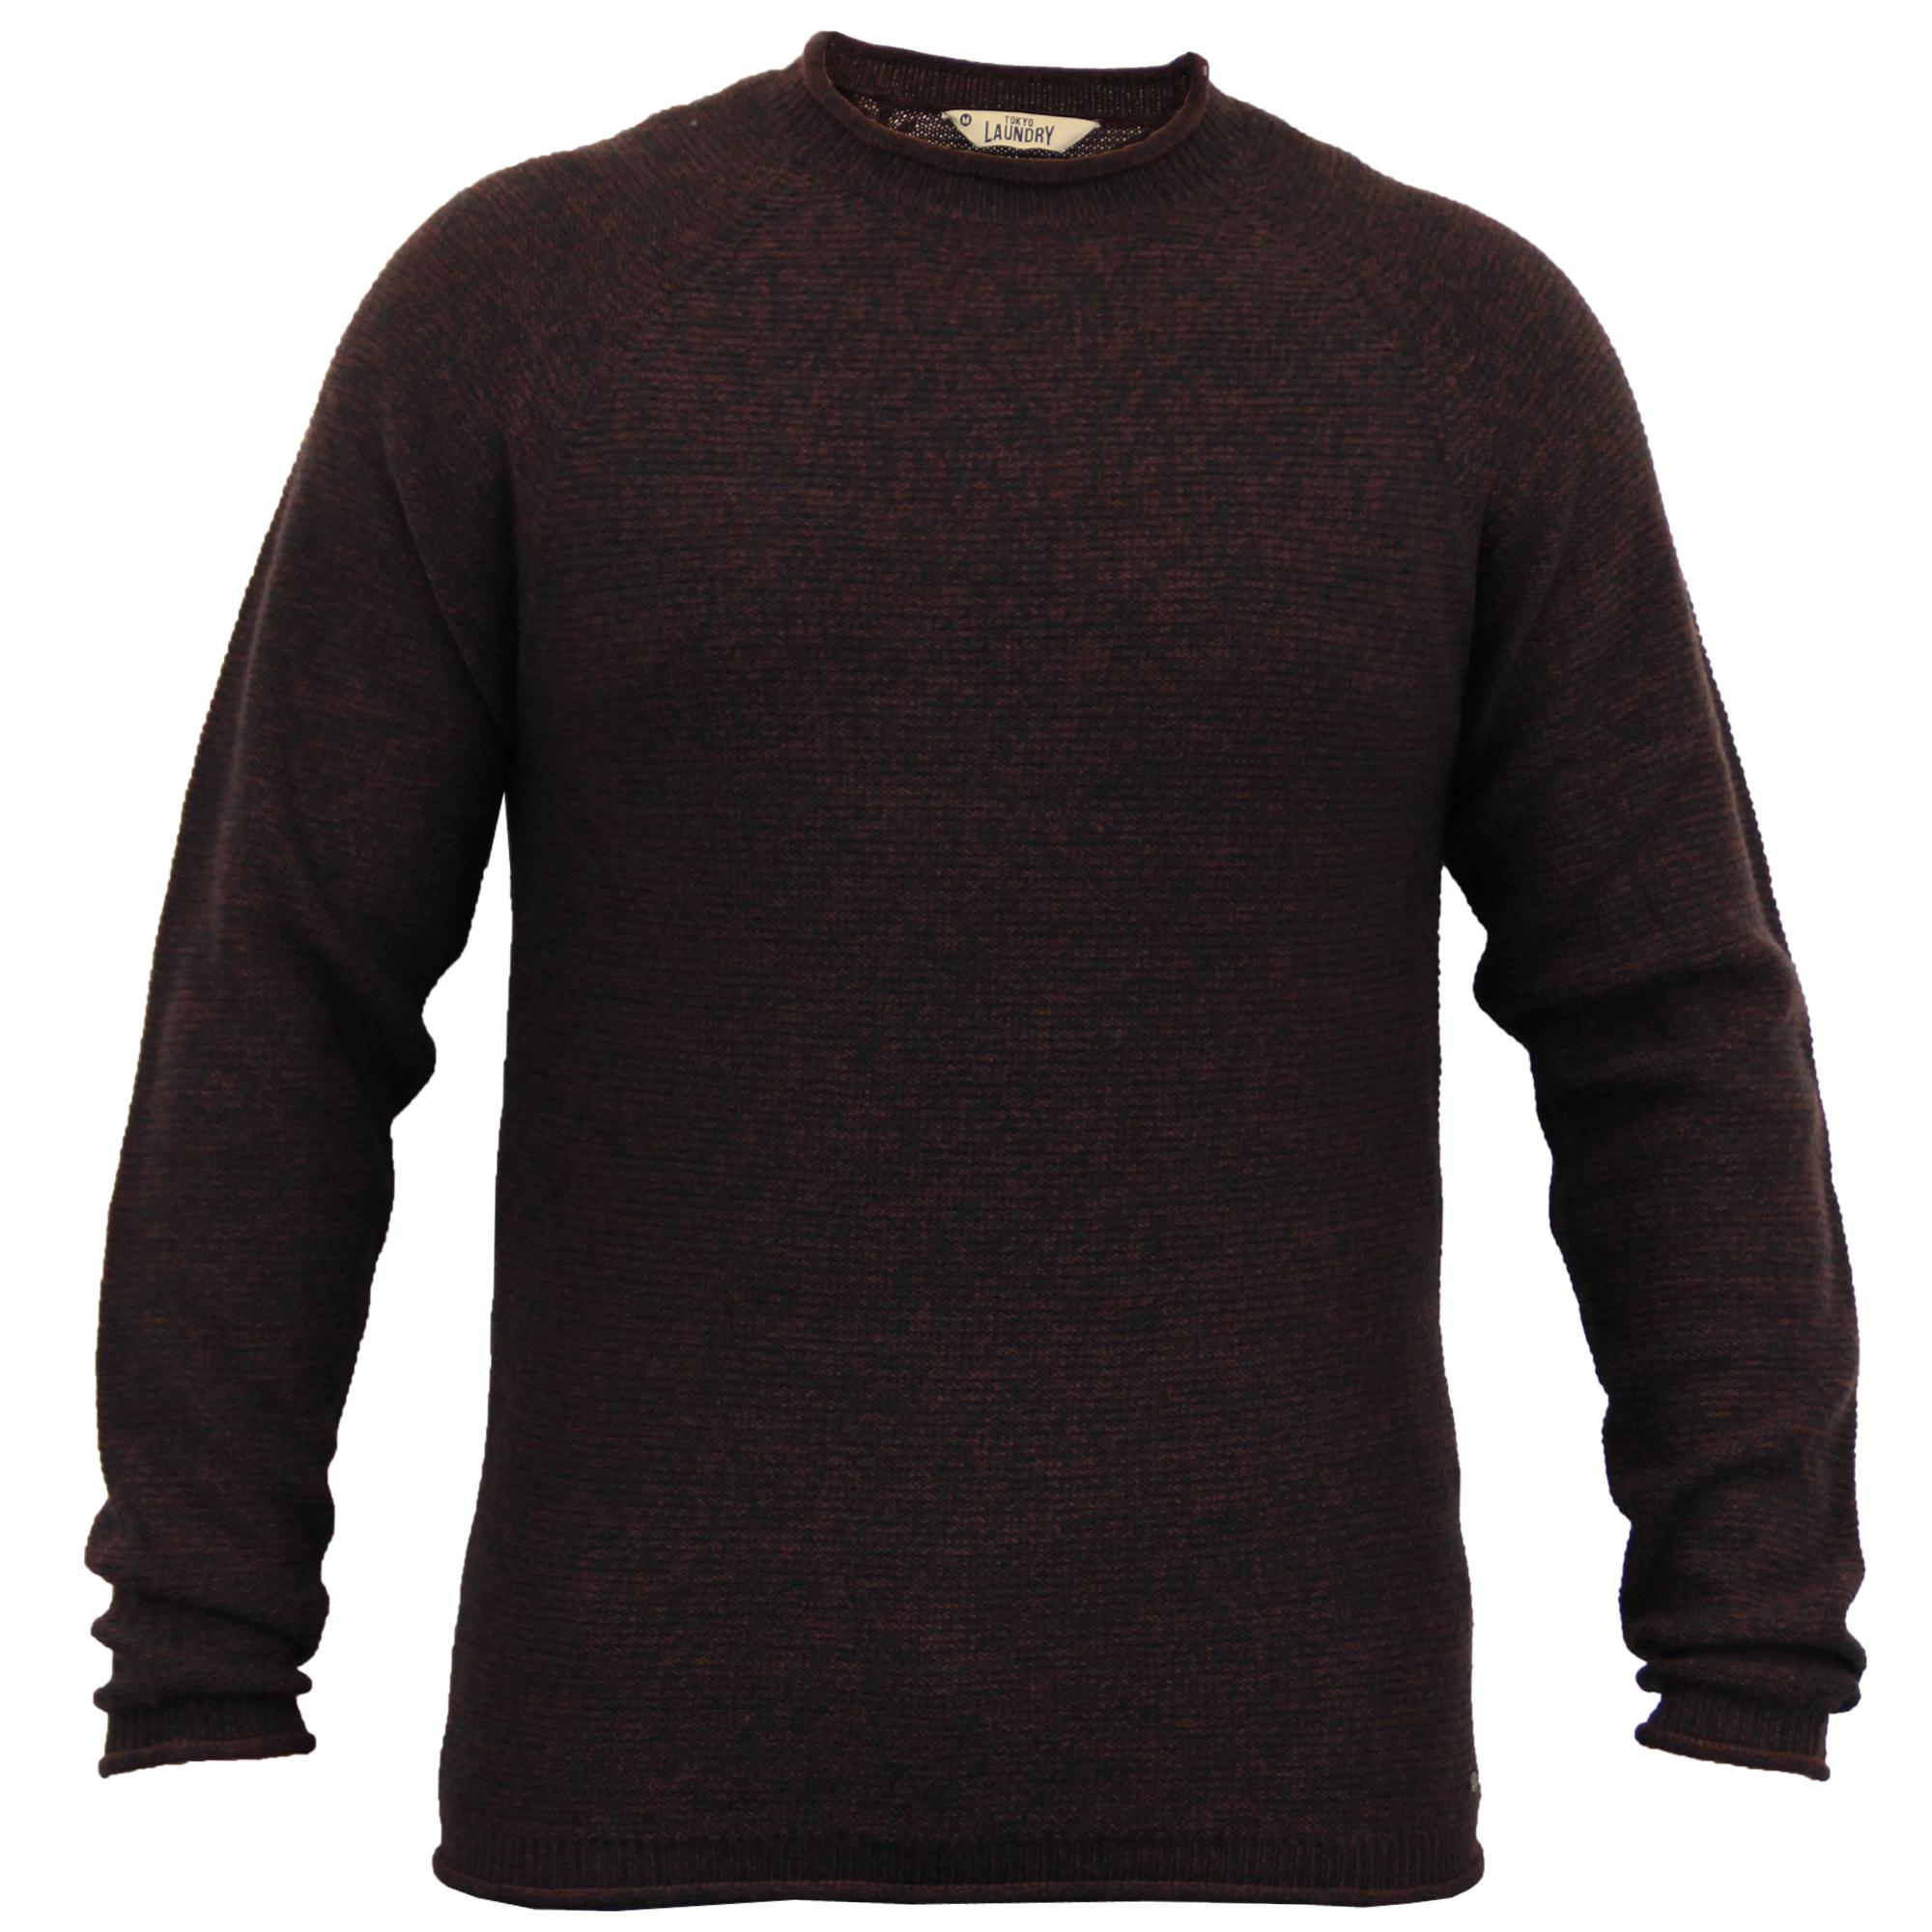 herren geschnittet wollmischung pullover top winter pullover von tokyo laundry ebay. Black Bedroom Furniture Sets. Home Design Ideas